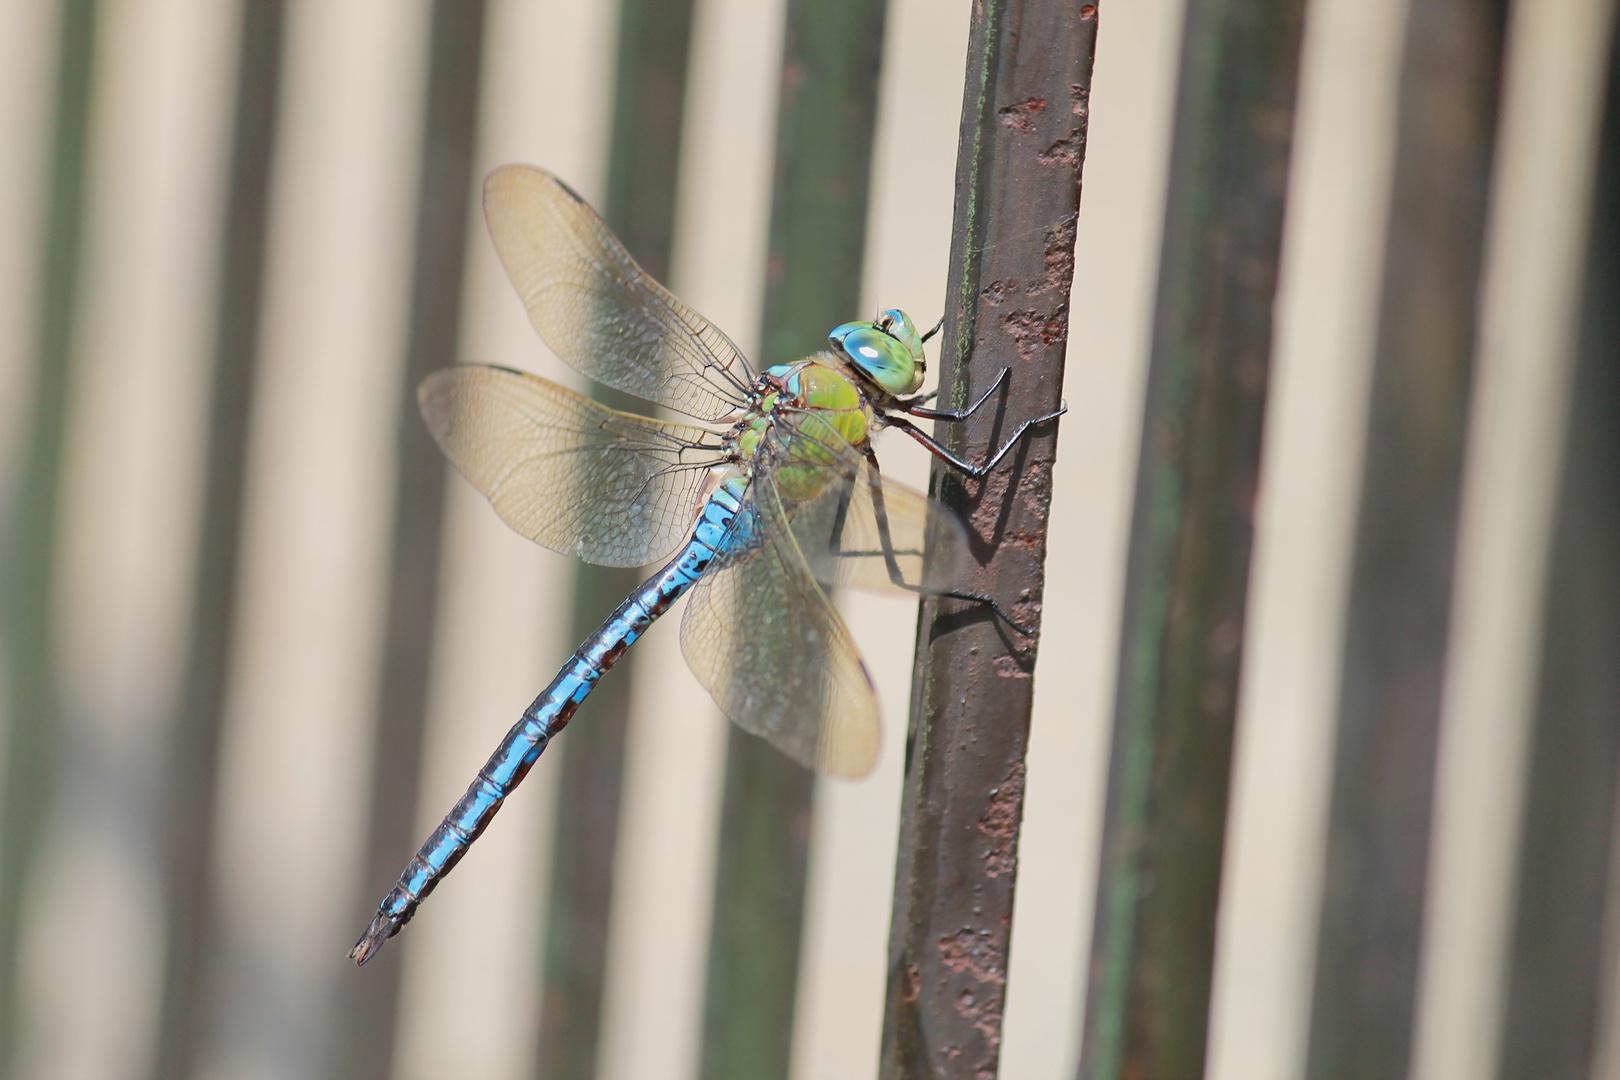 ...inseguendo una libellula in un prato...